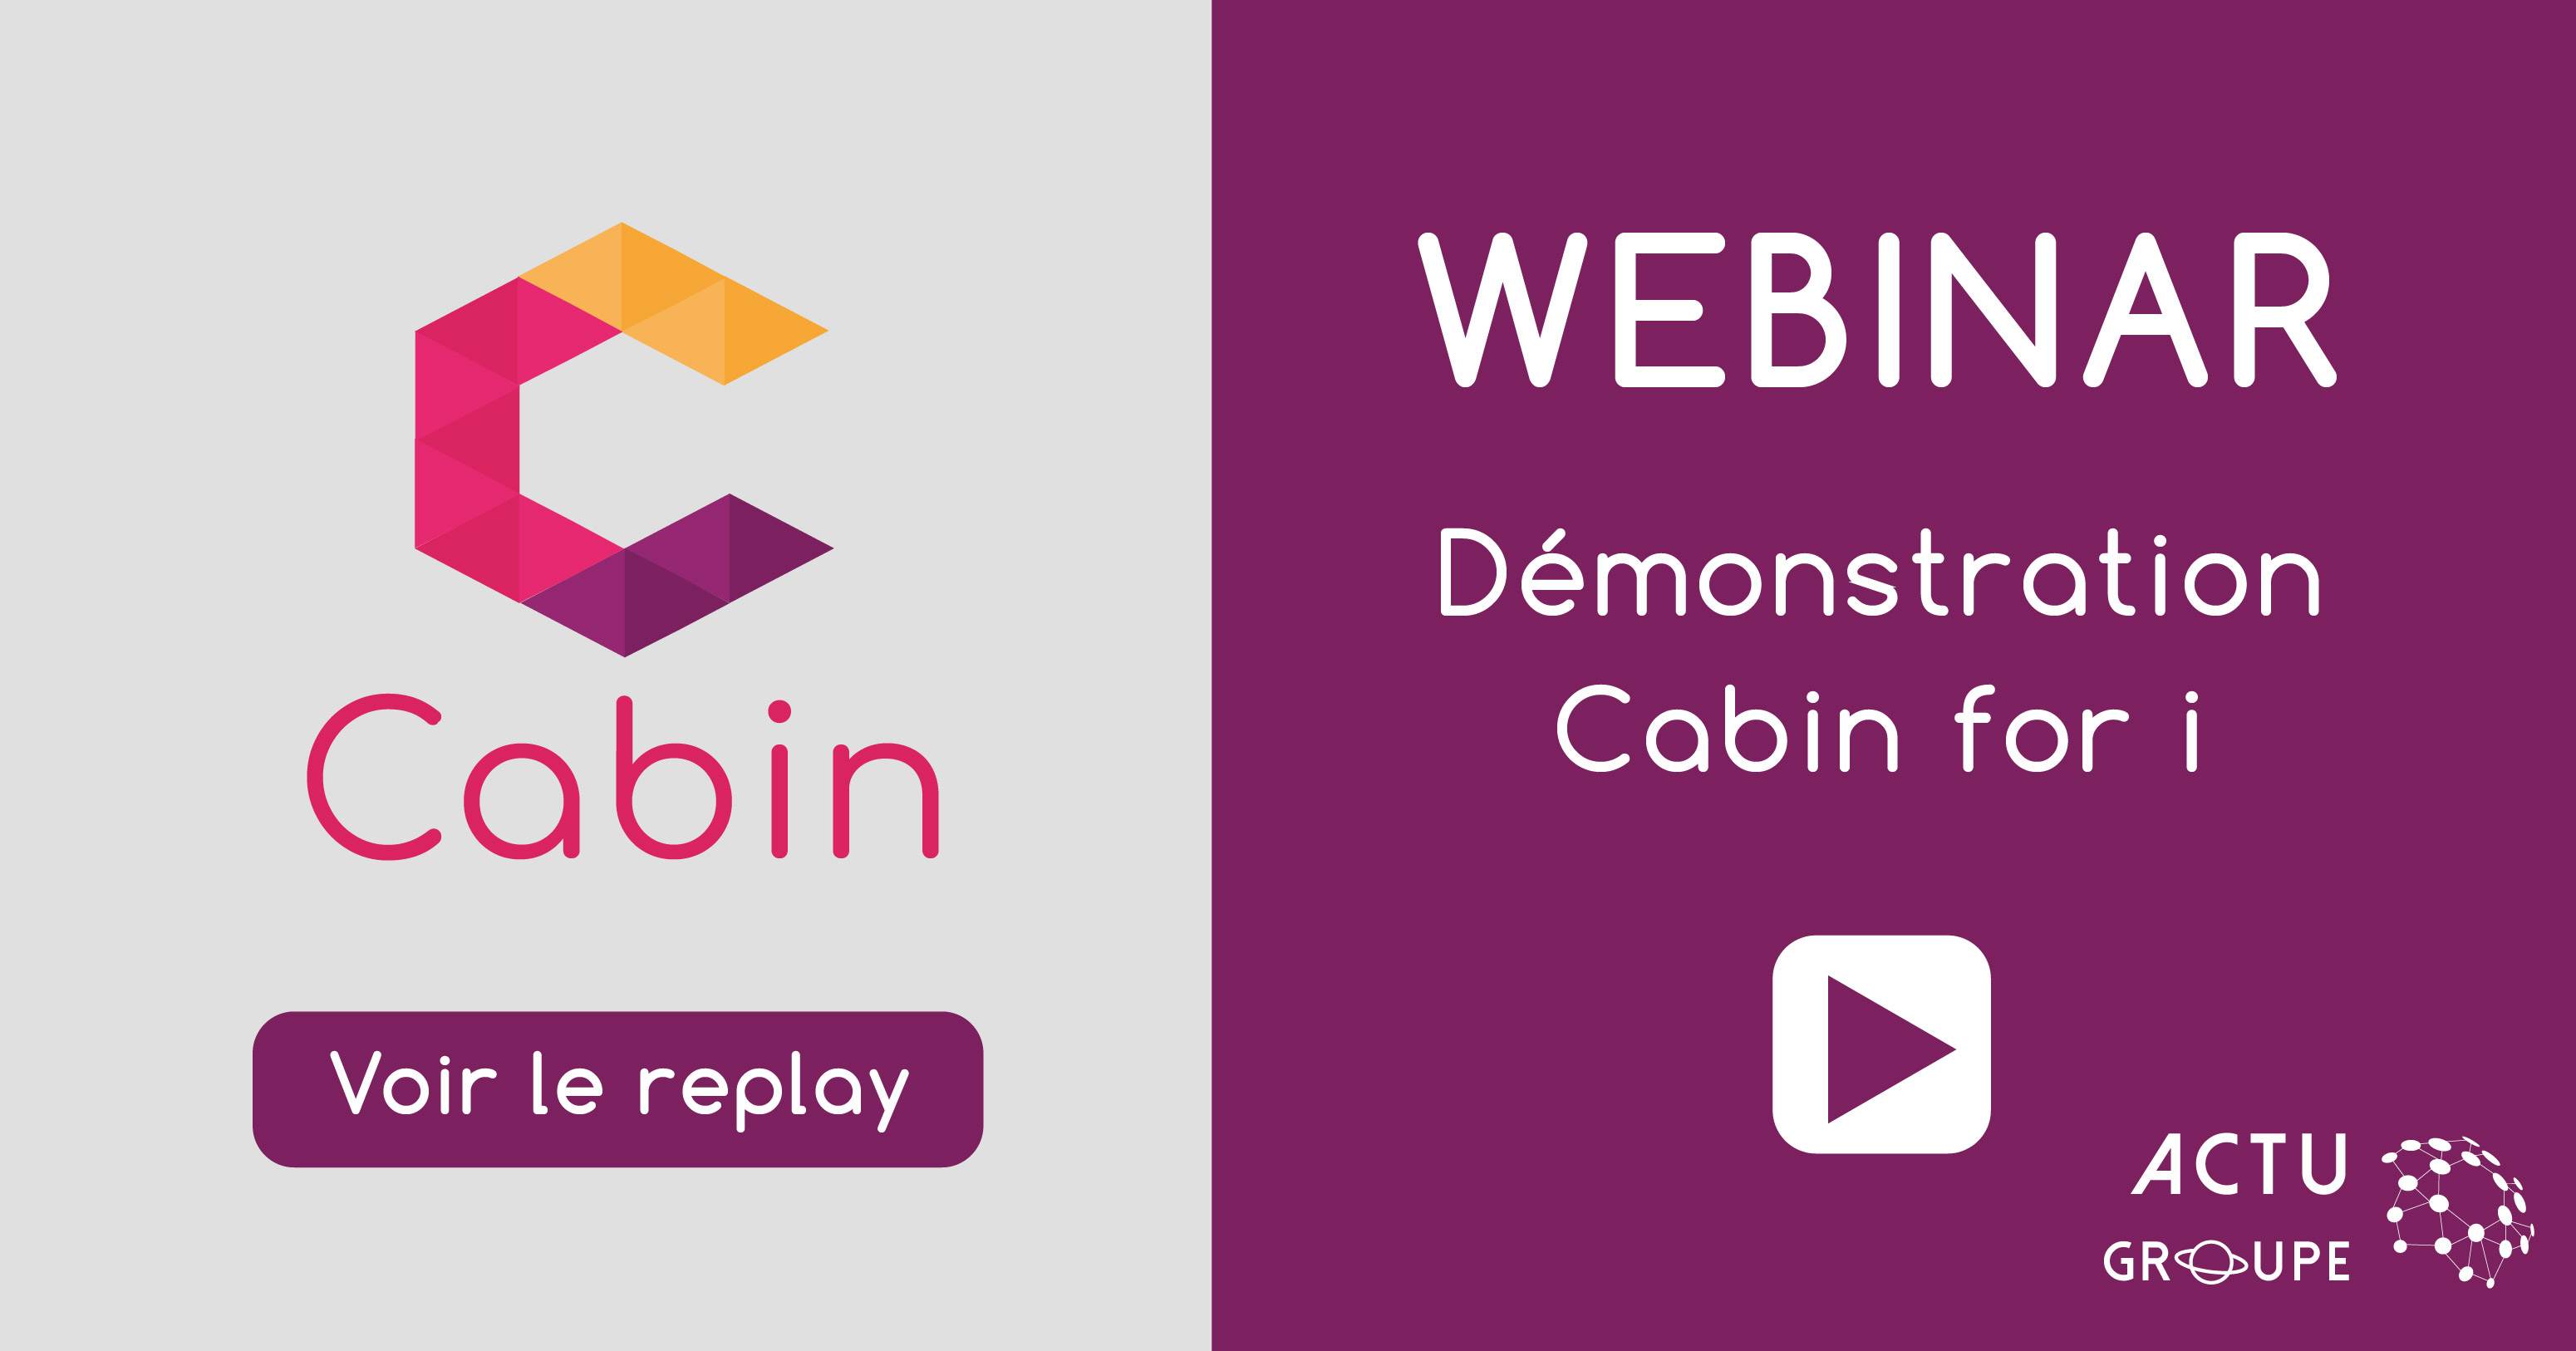 webinar_cabin_for_i_actu_groupe